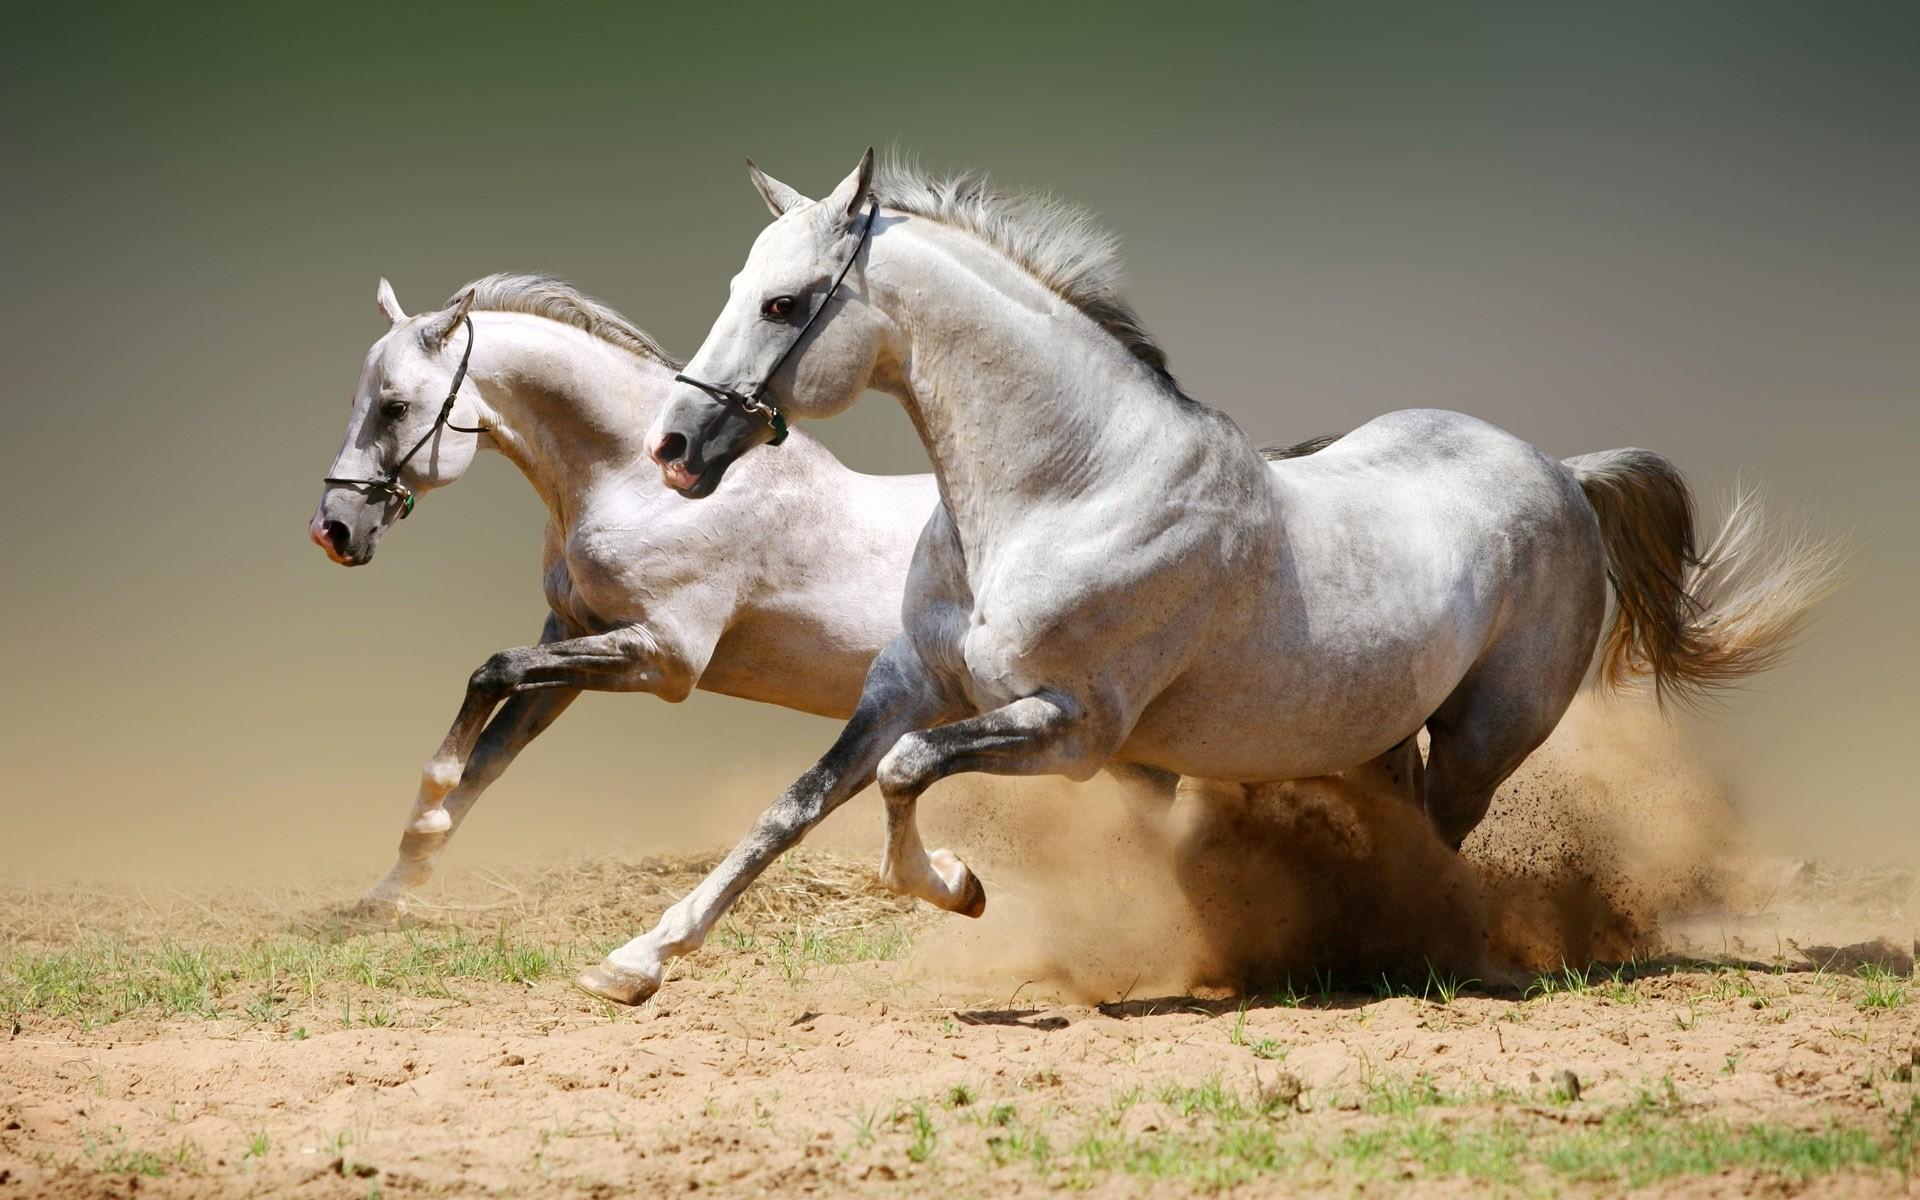 1920x1080 Running Horses Wallpaper